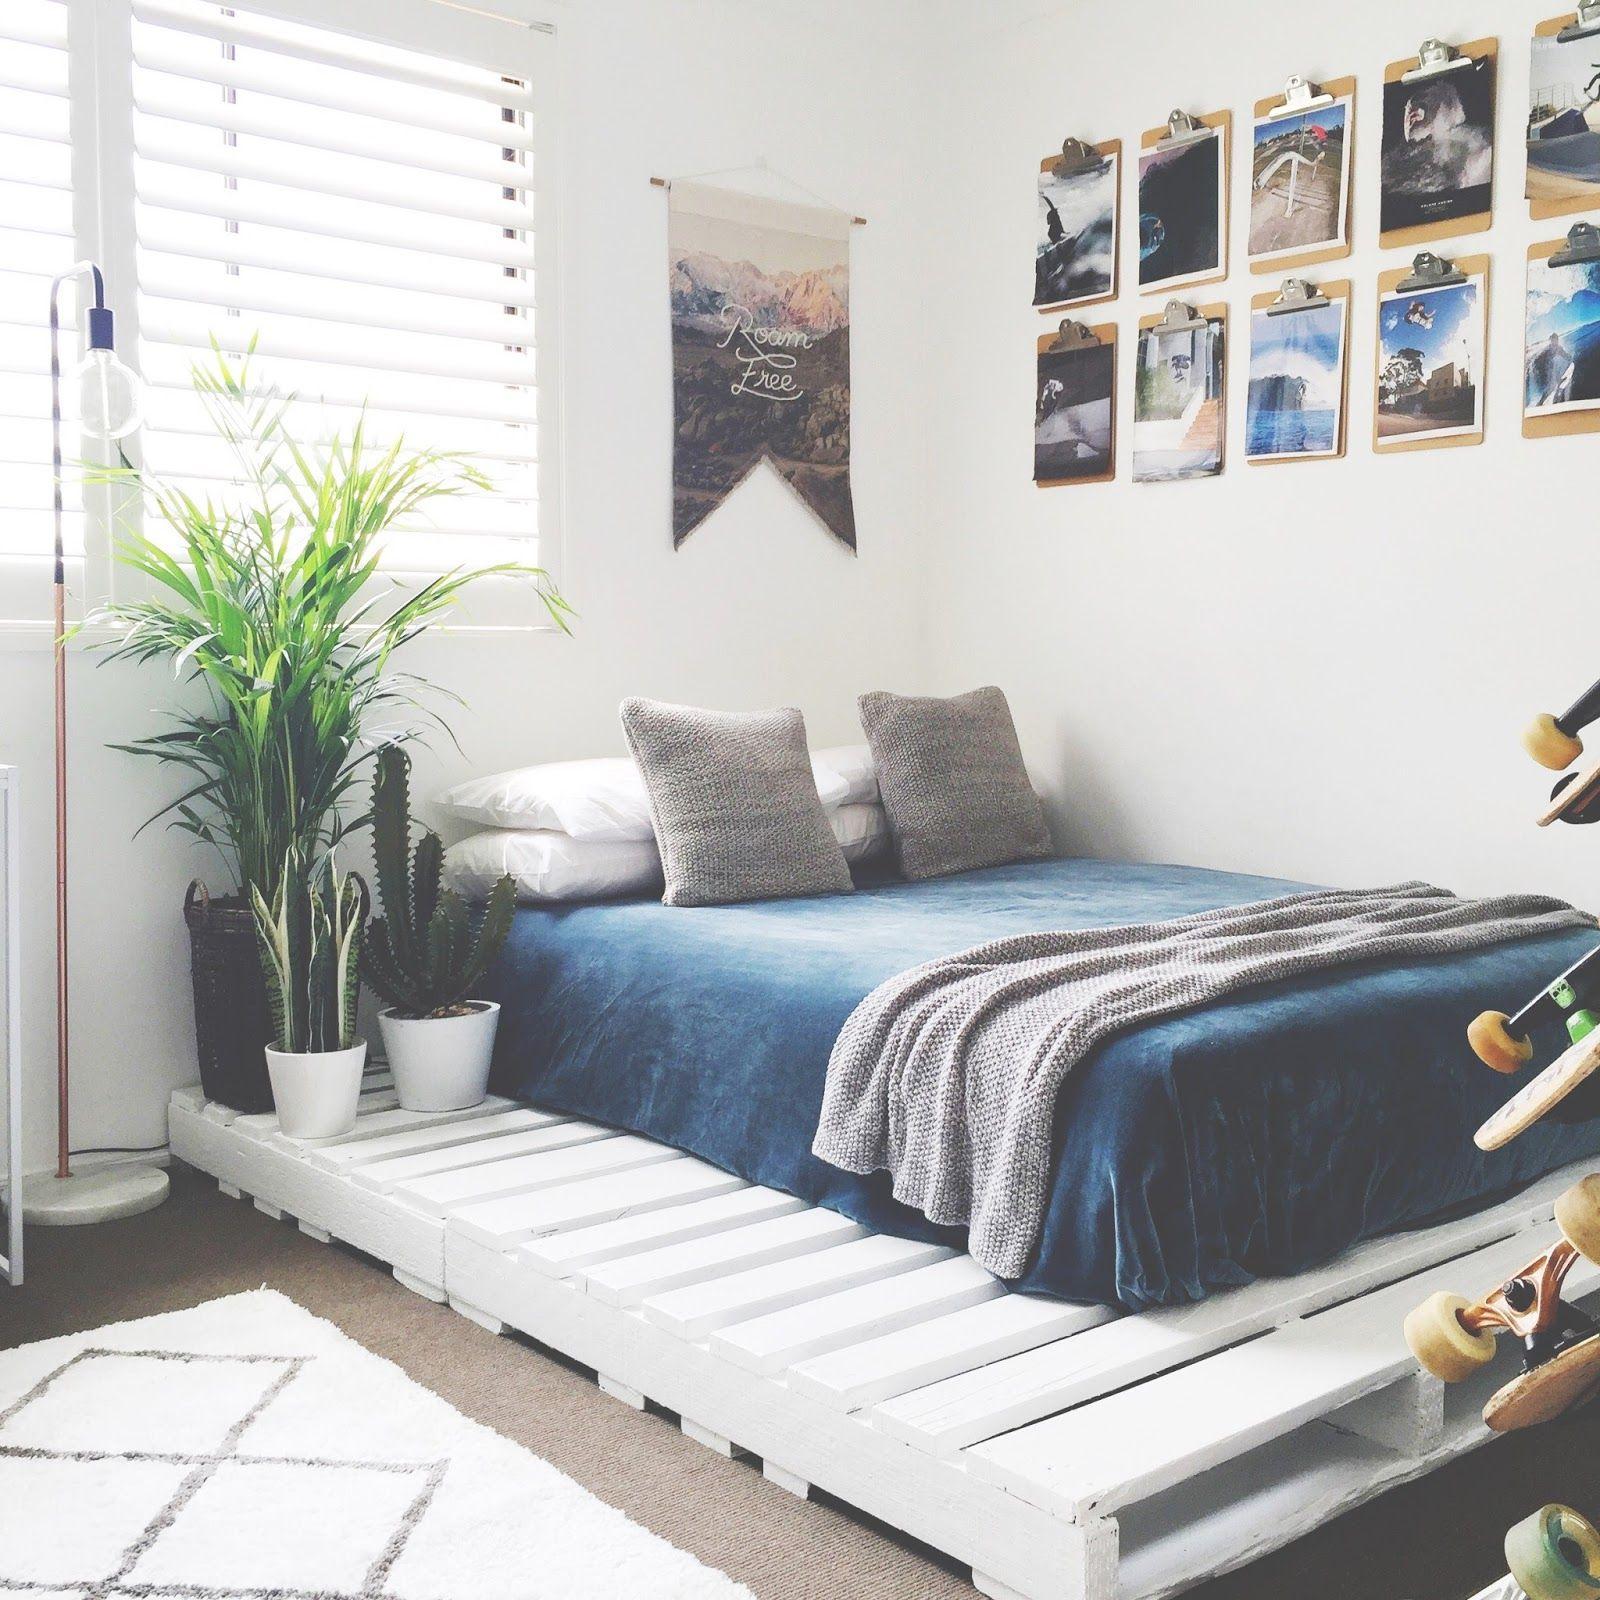 Sleep On A Pallet Room Ideas Bedroom Decor Home Decor First